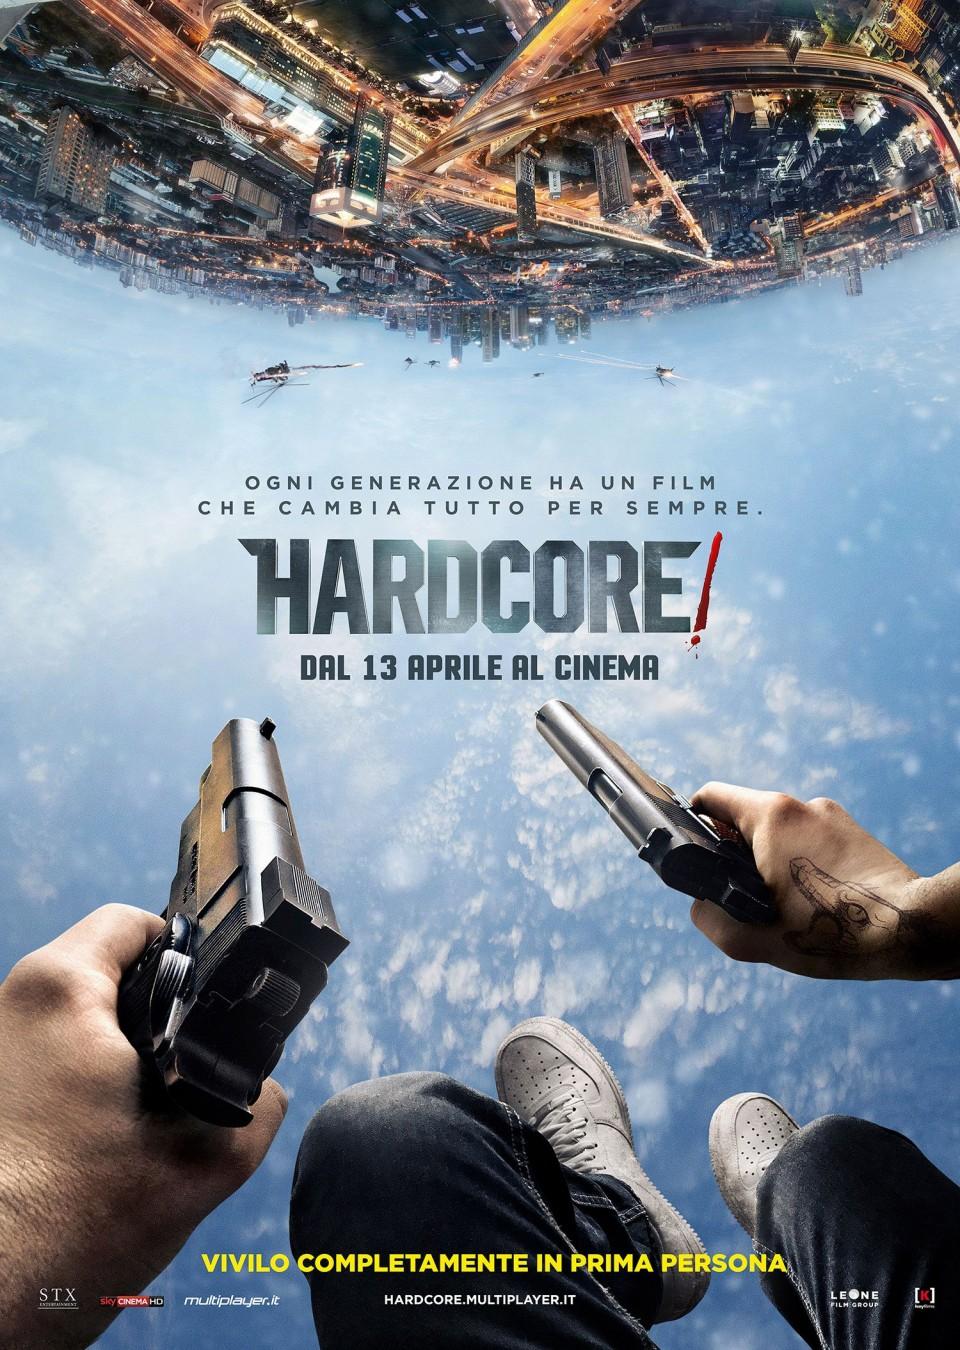 Hardcore!